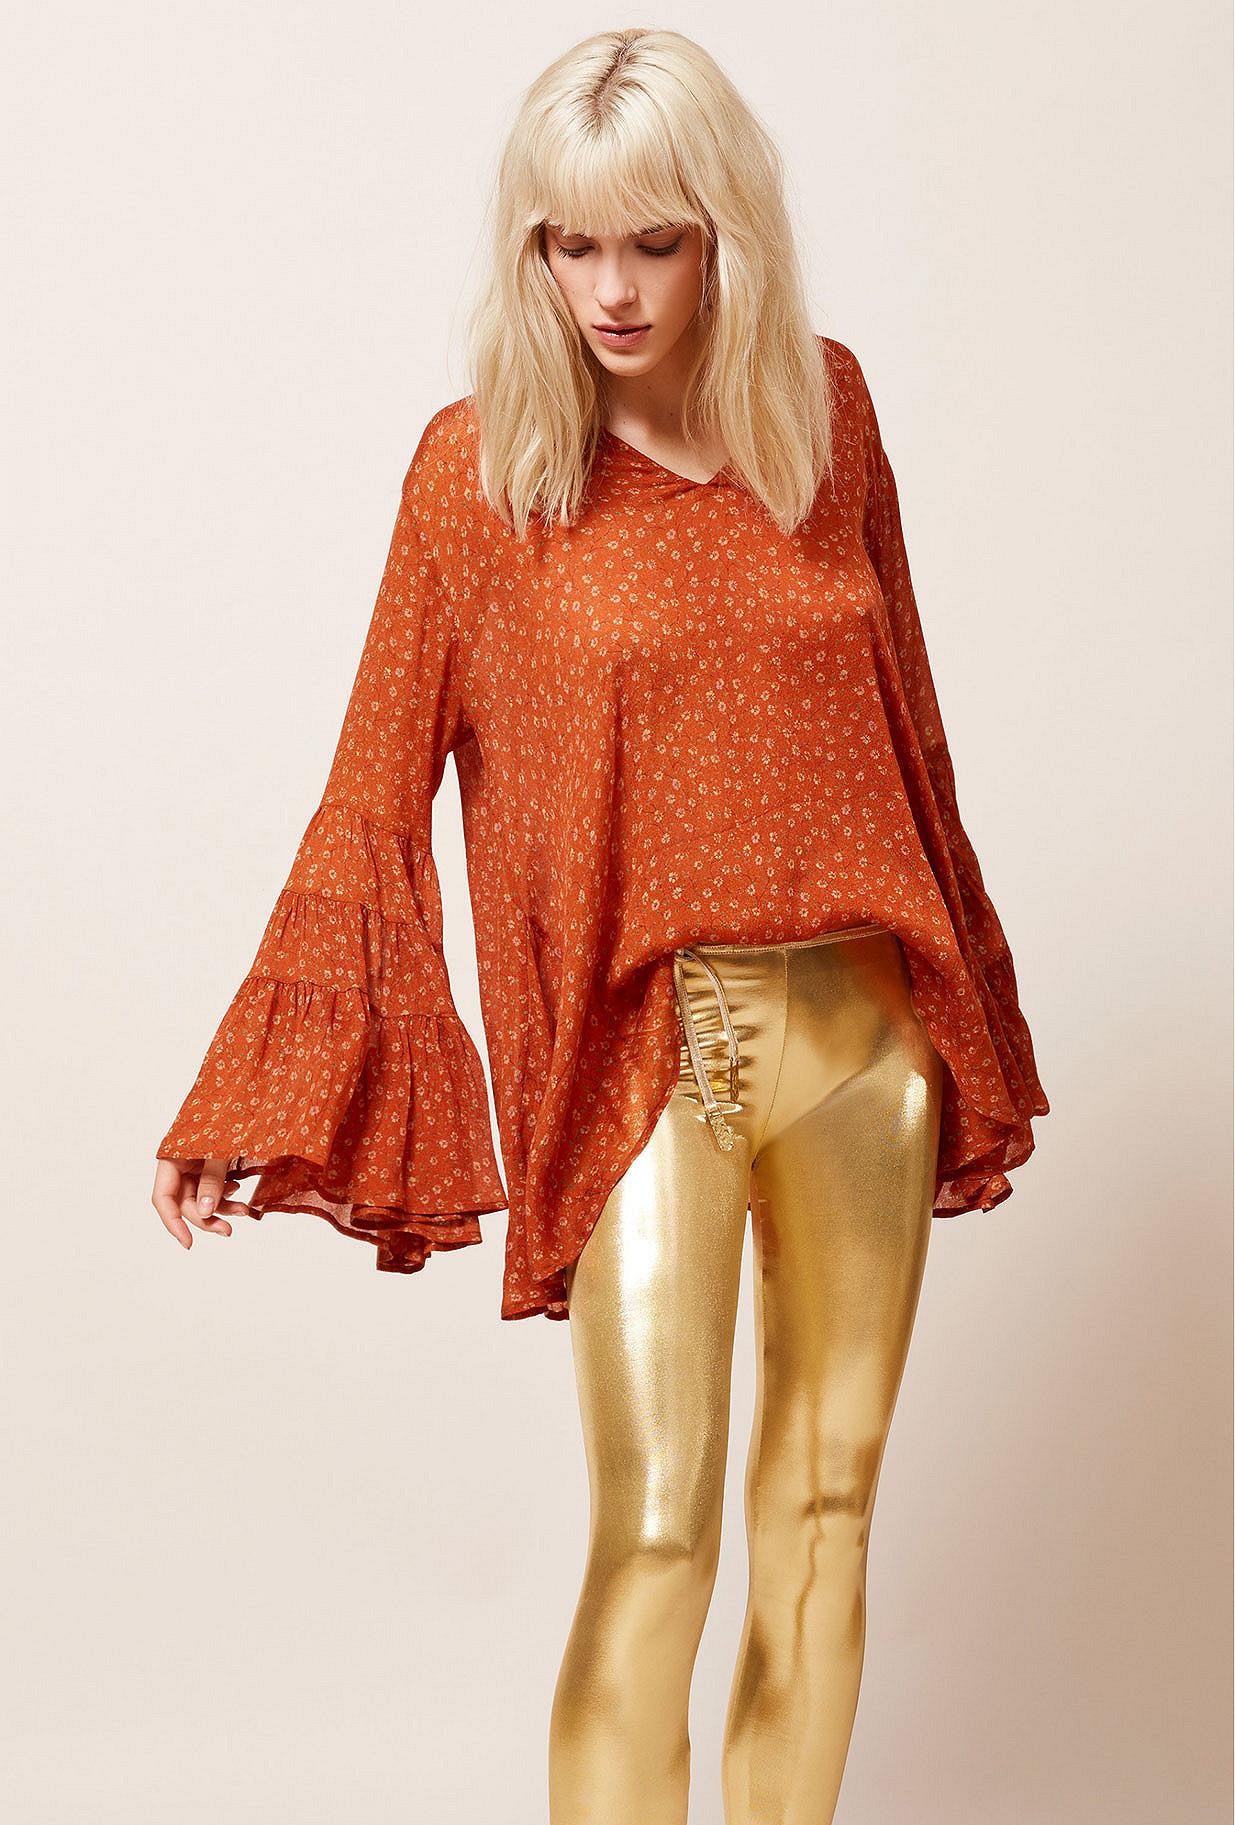 Blouse Orange  Fiorella mes demoiselles paris vêtement femme paris